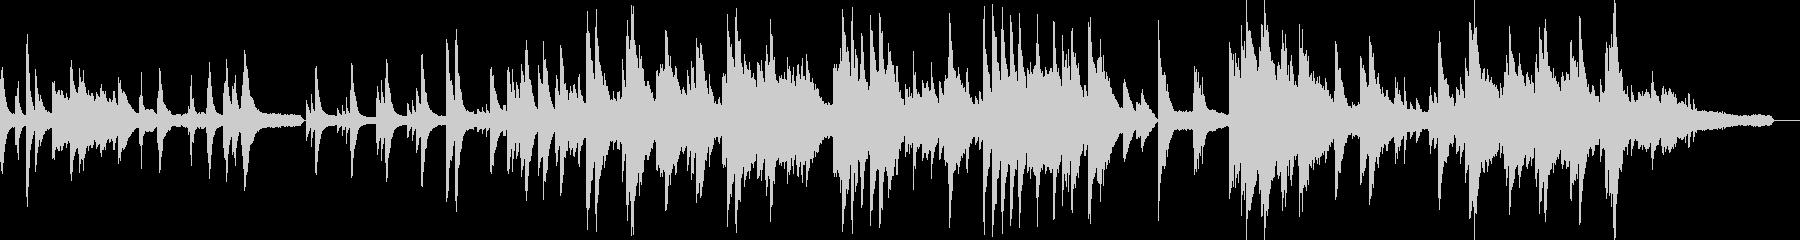 優しく愛溢れる感動的ソロ・ピアノバラードの未再生の波形